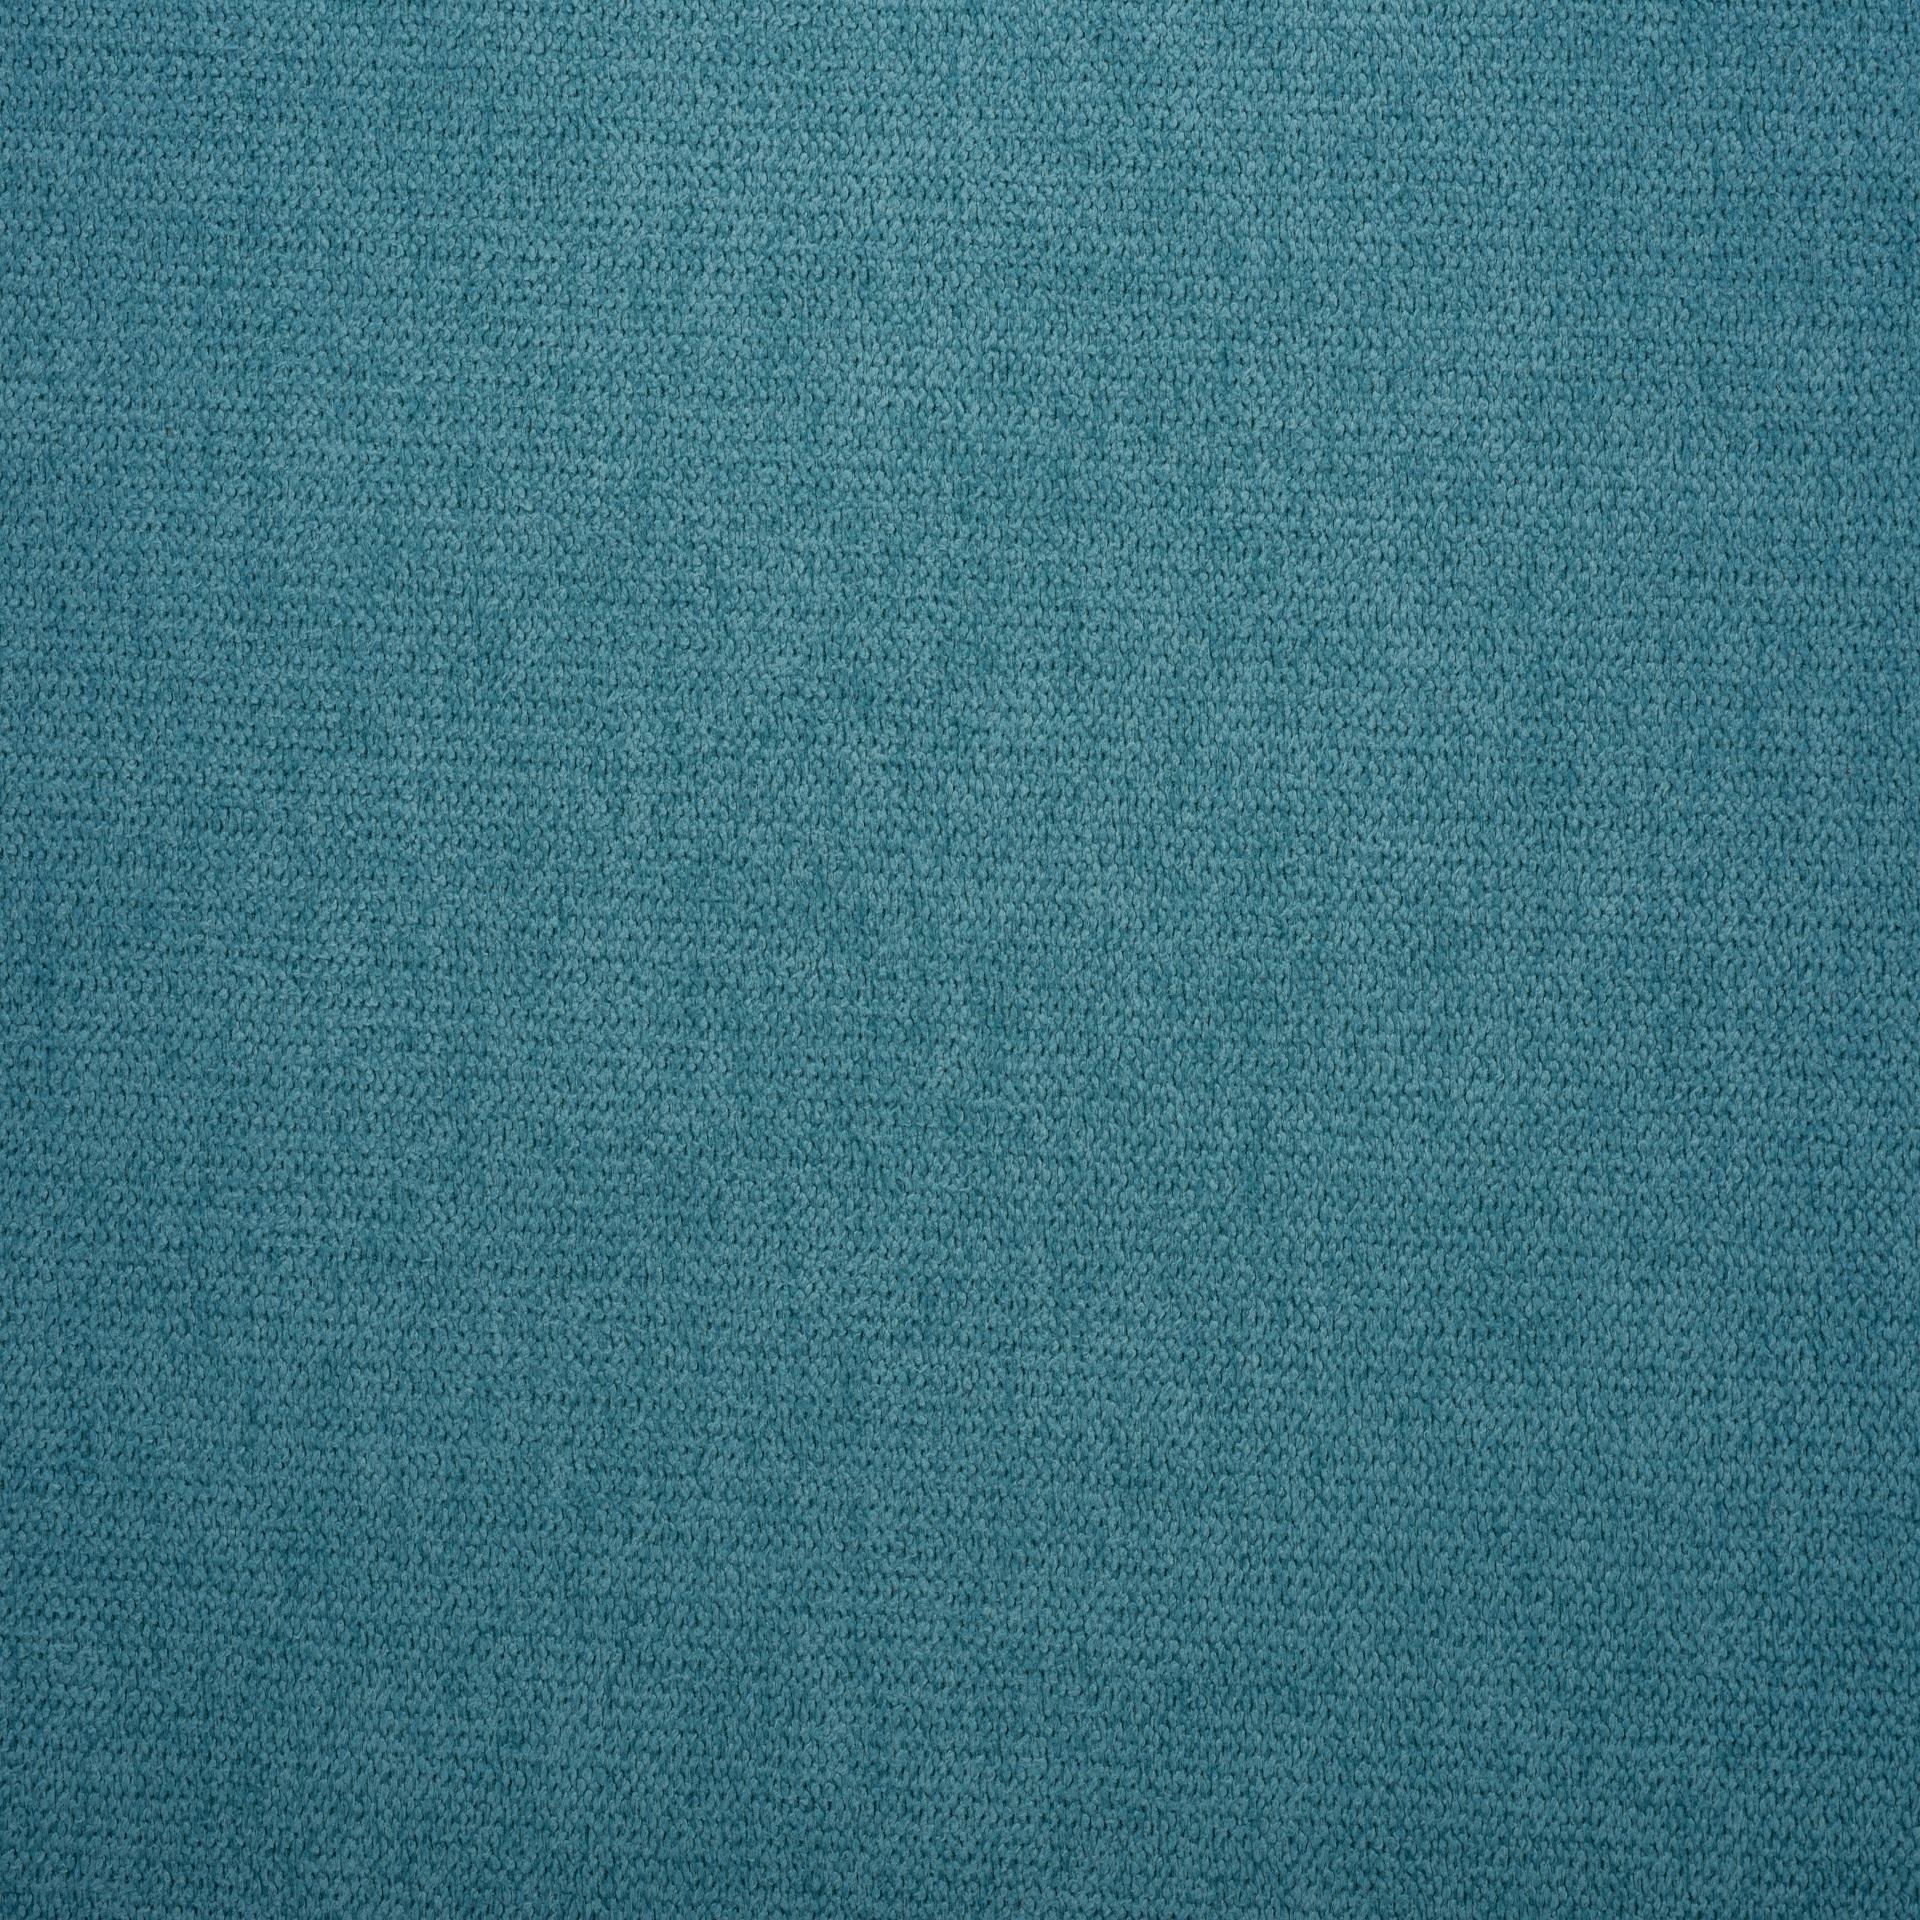 Коллекция ткани Аляска 86,  купить ткань Жаккард для мебели Украина